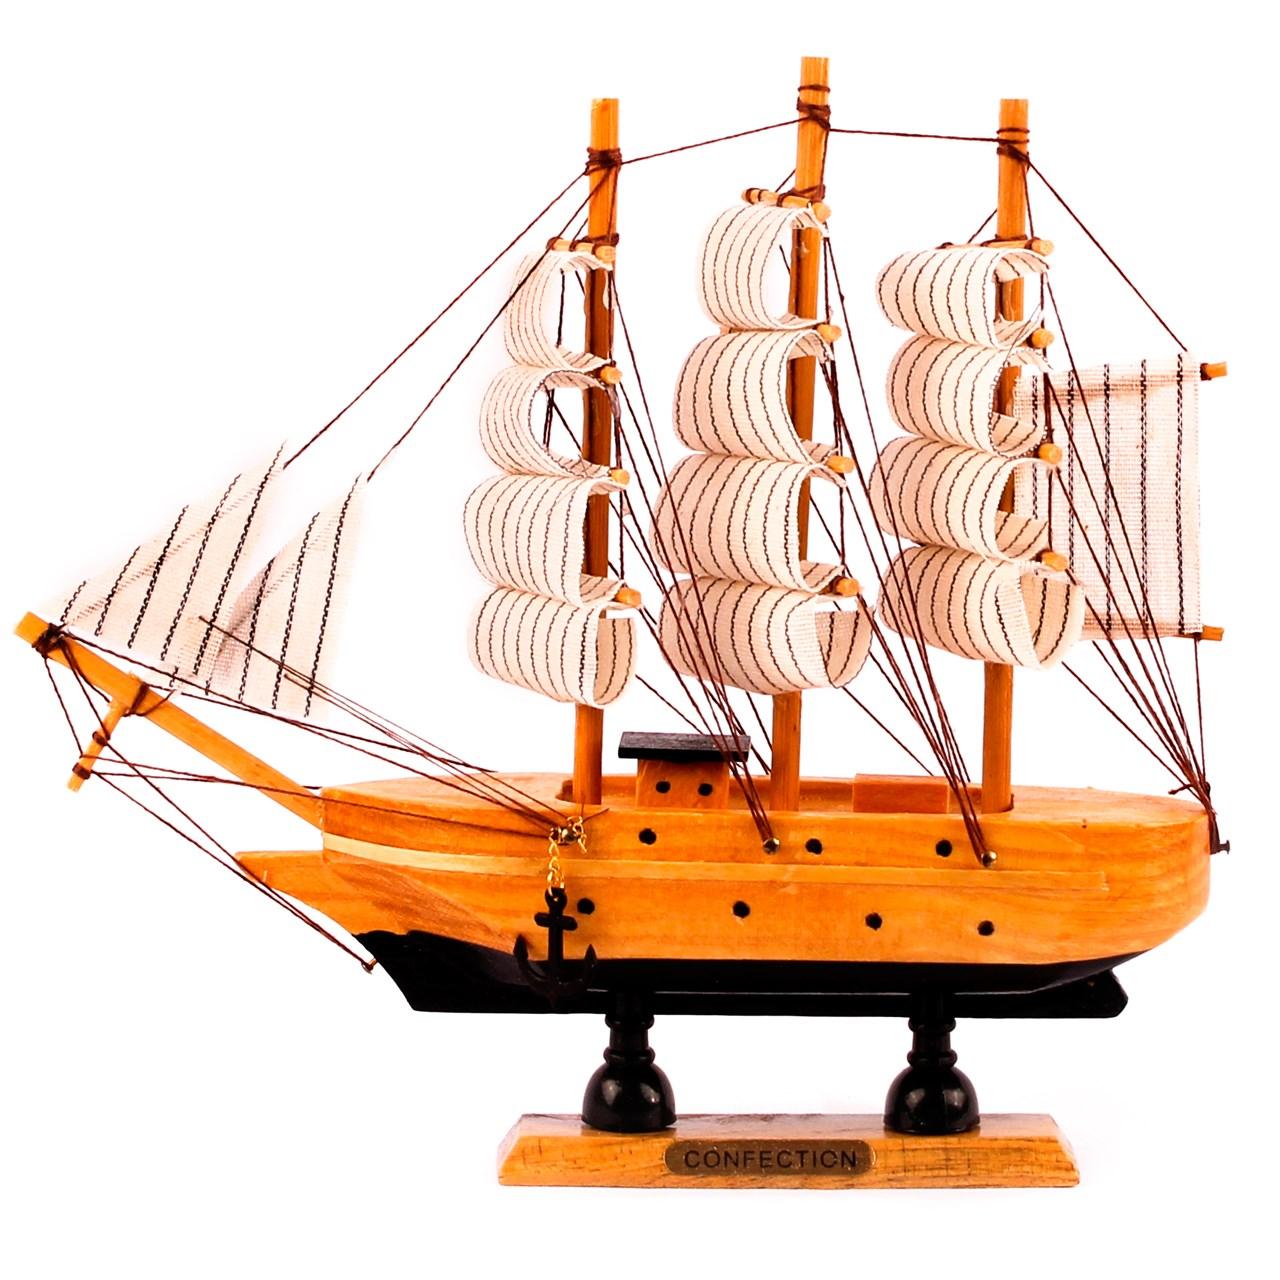 کشتی دکوری چوبی شیک و تک سری 6-117